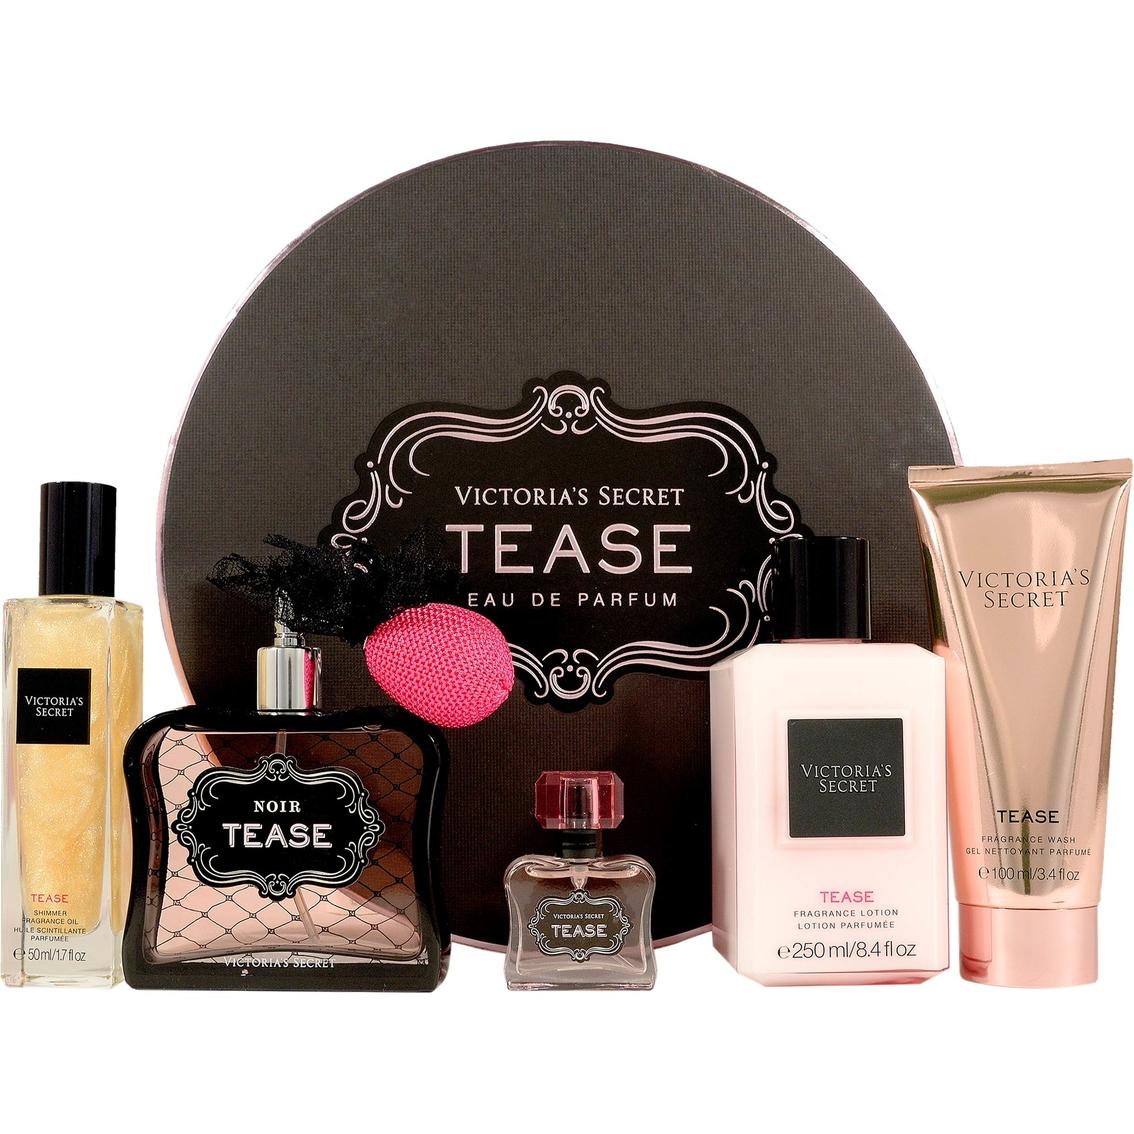 071577a6a8c Victoria s Secret Tease Large Fragrance Box